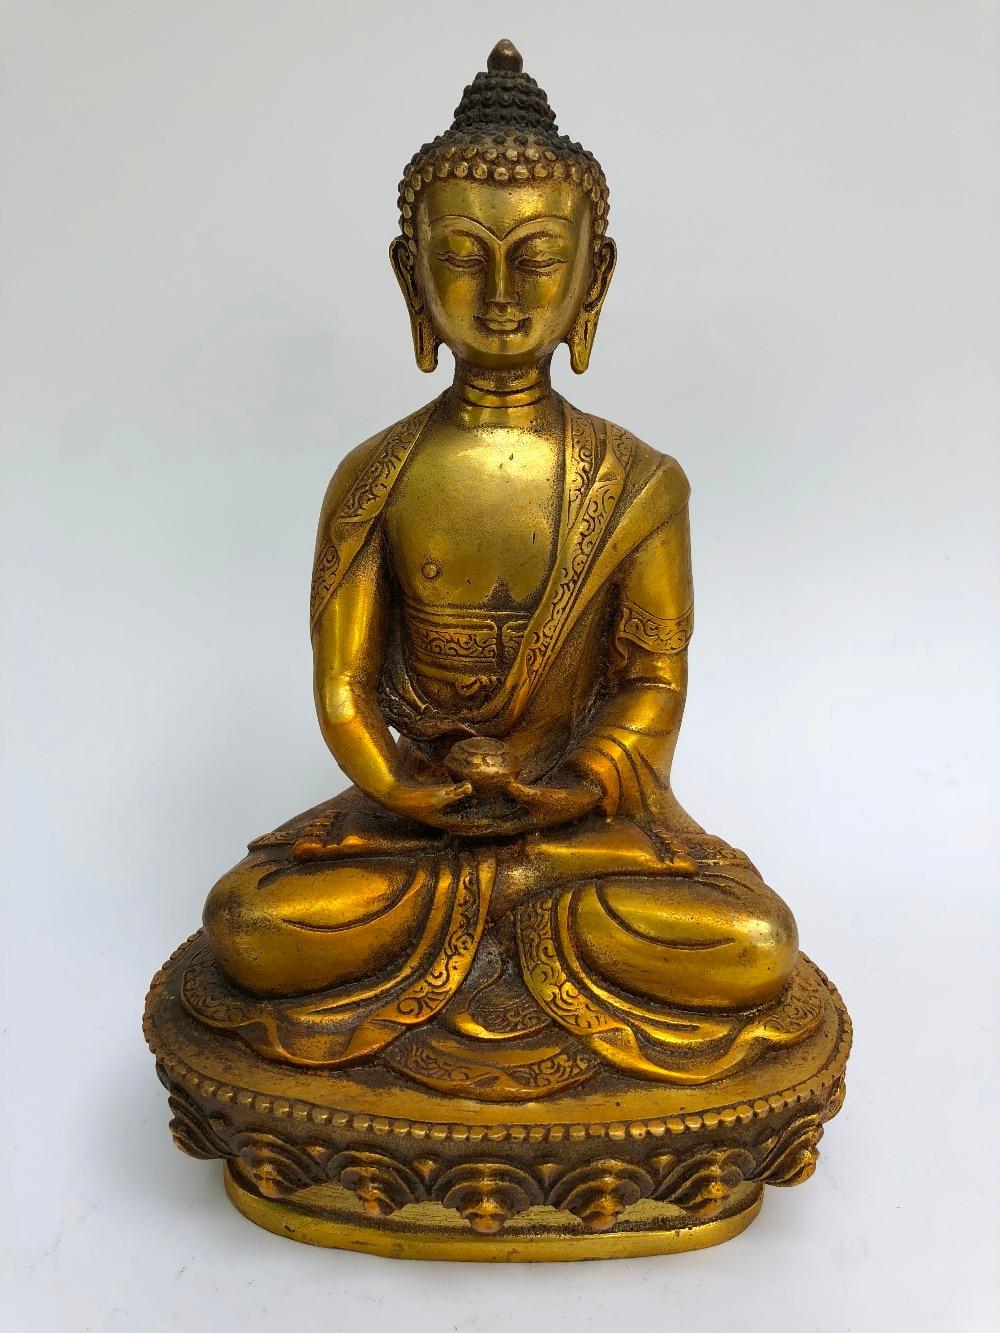 2018 new style Buddhist Sakyamuni Buddha Image Supplies Home Decoration Collection Crafts2018 new style Buddhist Sakyamuni Buddha Image Supplies Home Decoration Collection Crafts